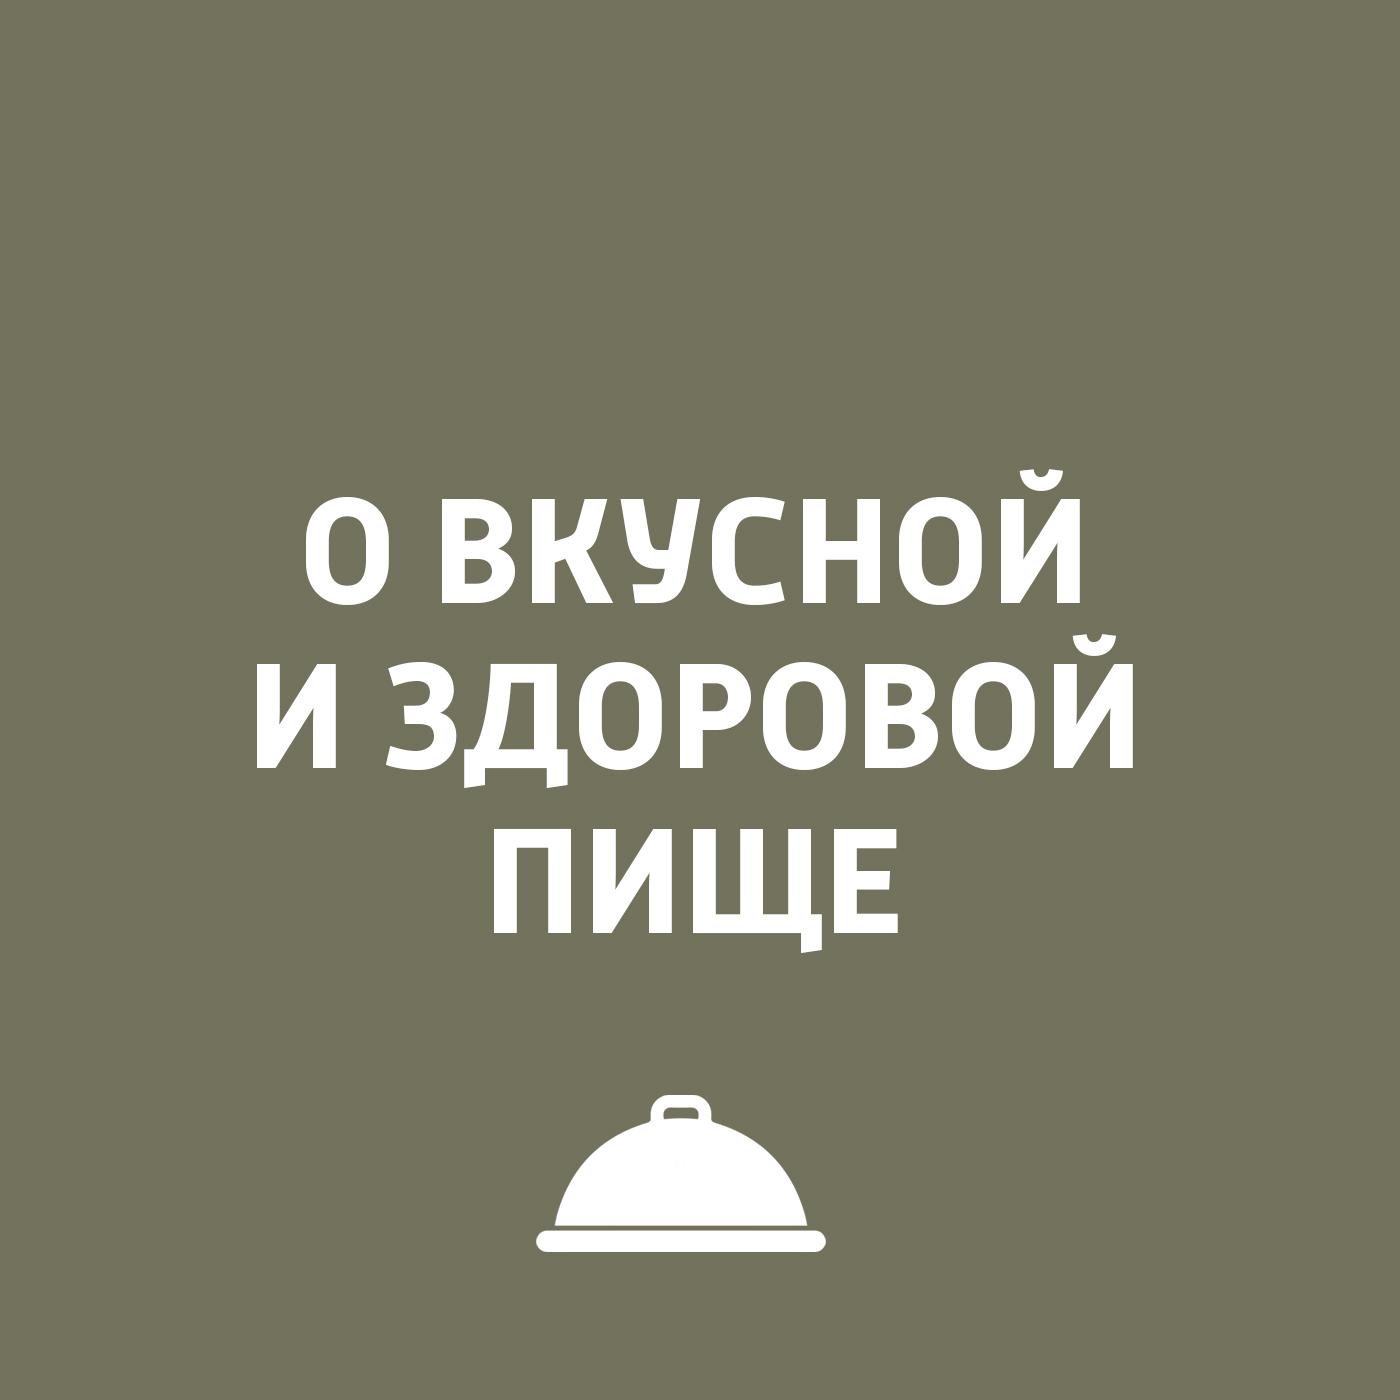 Игорь Ружейников Еда как идея. Вегетарианство и другие концепции питания